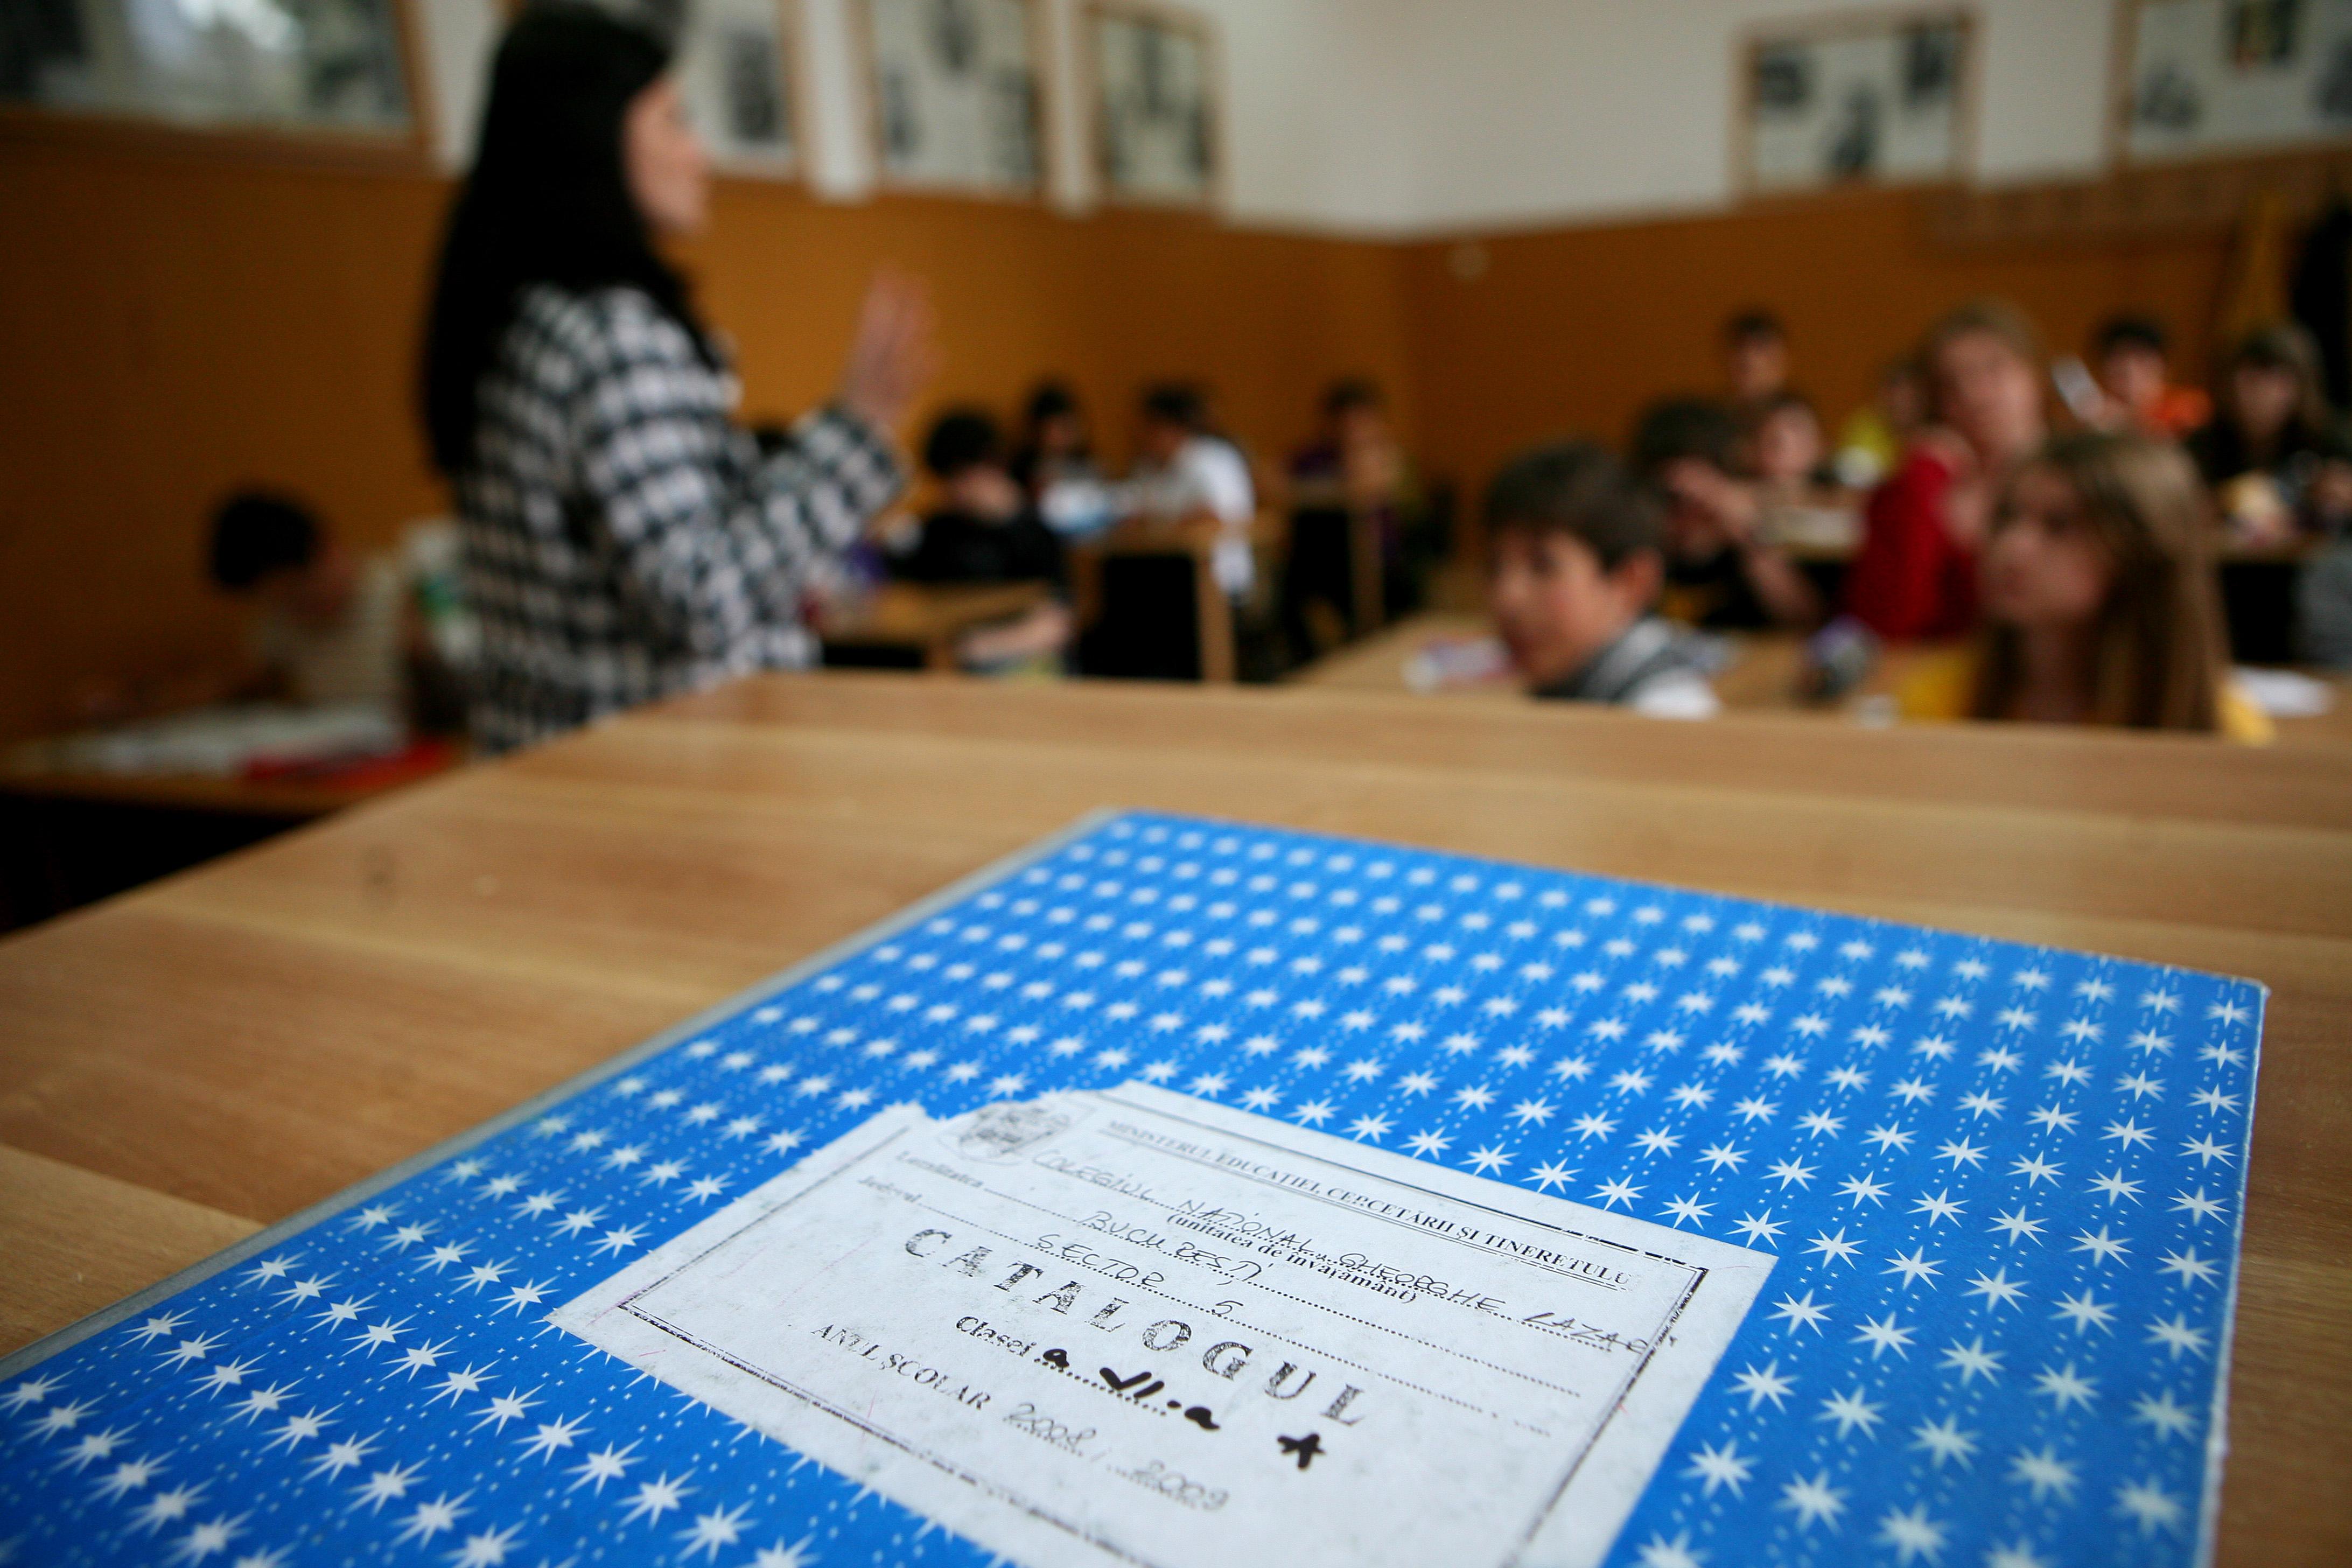 Aproape 200 de elevi din Timis au ramas fara alocatii suplimentare pentru ca au chiulit de la scoala